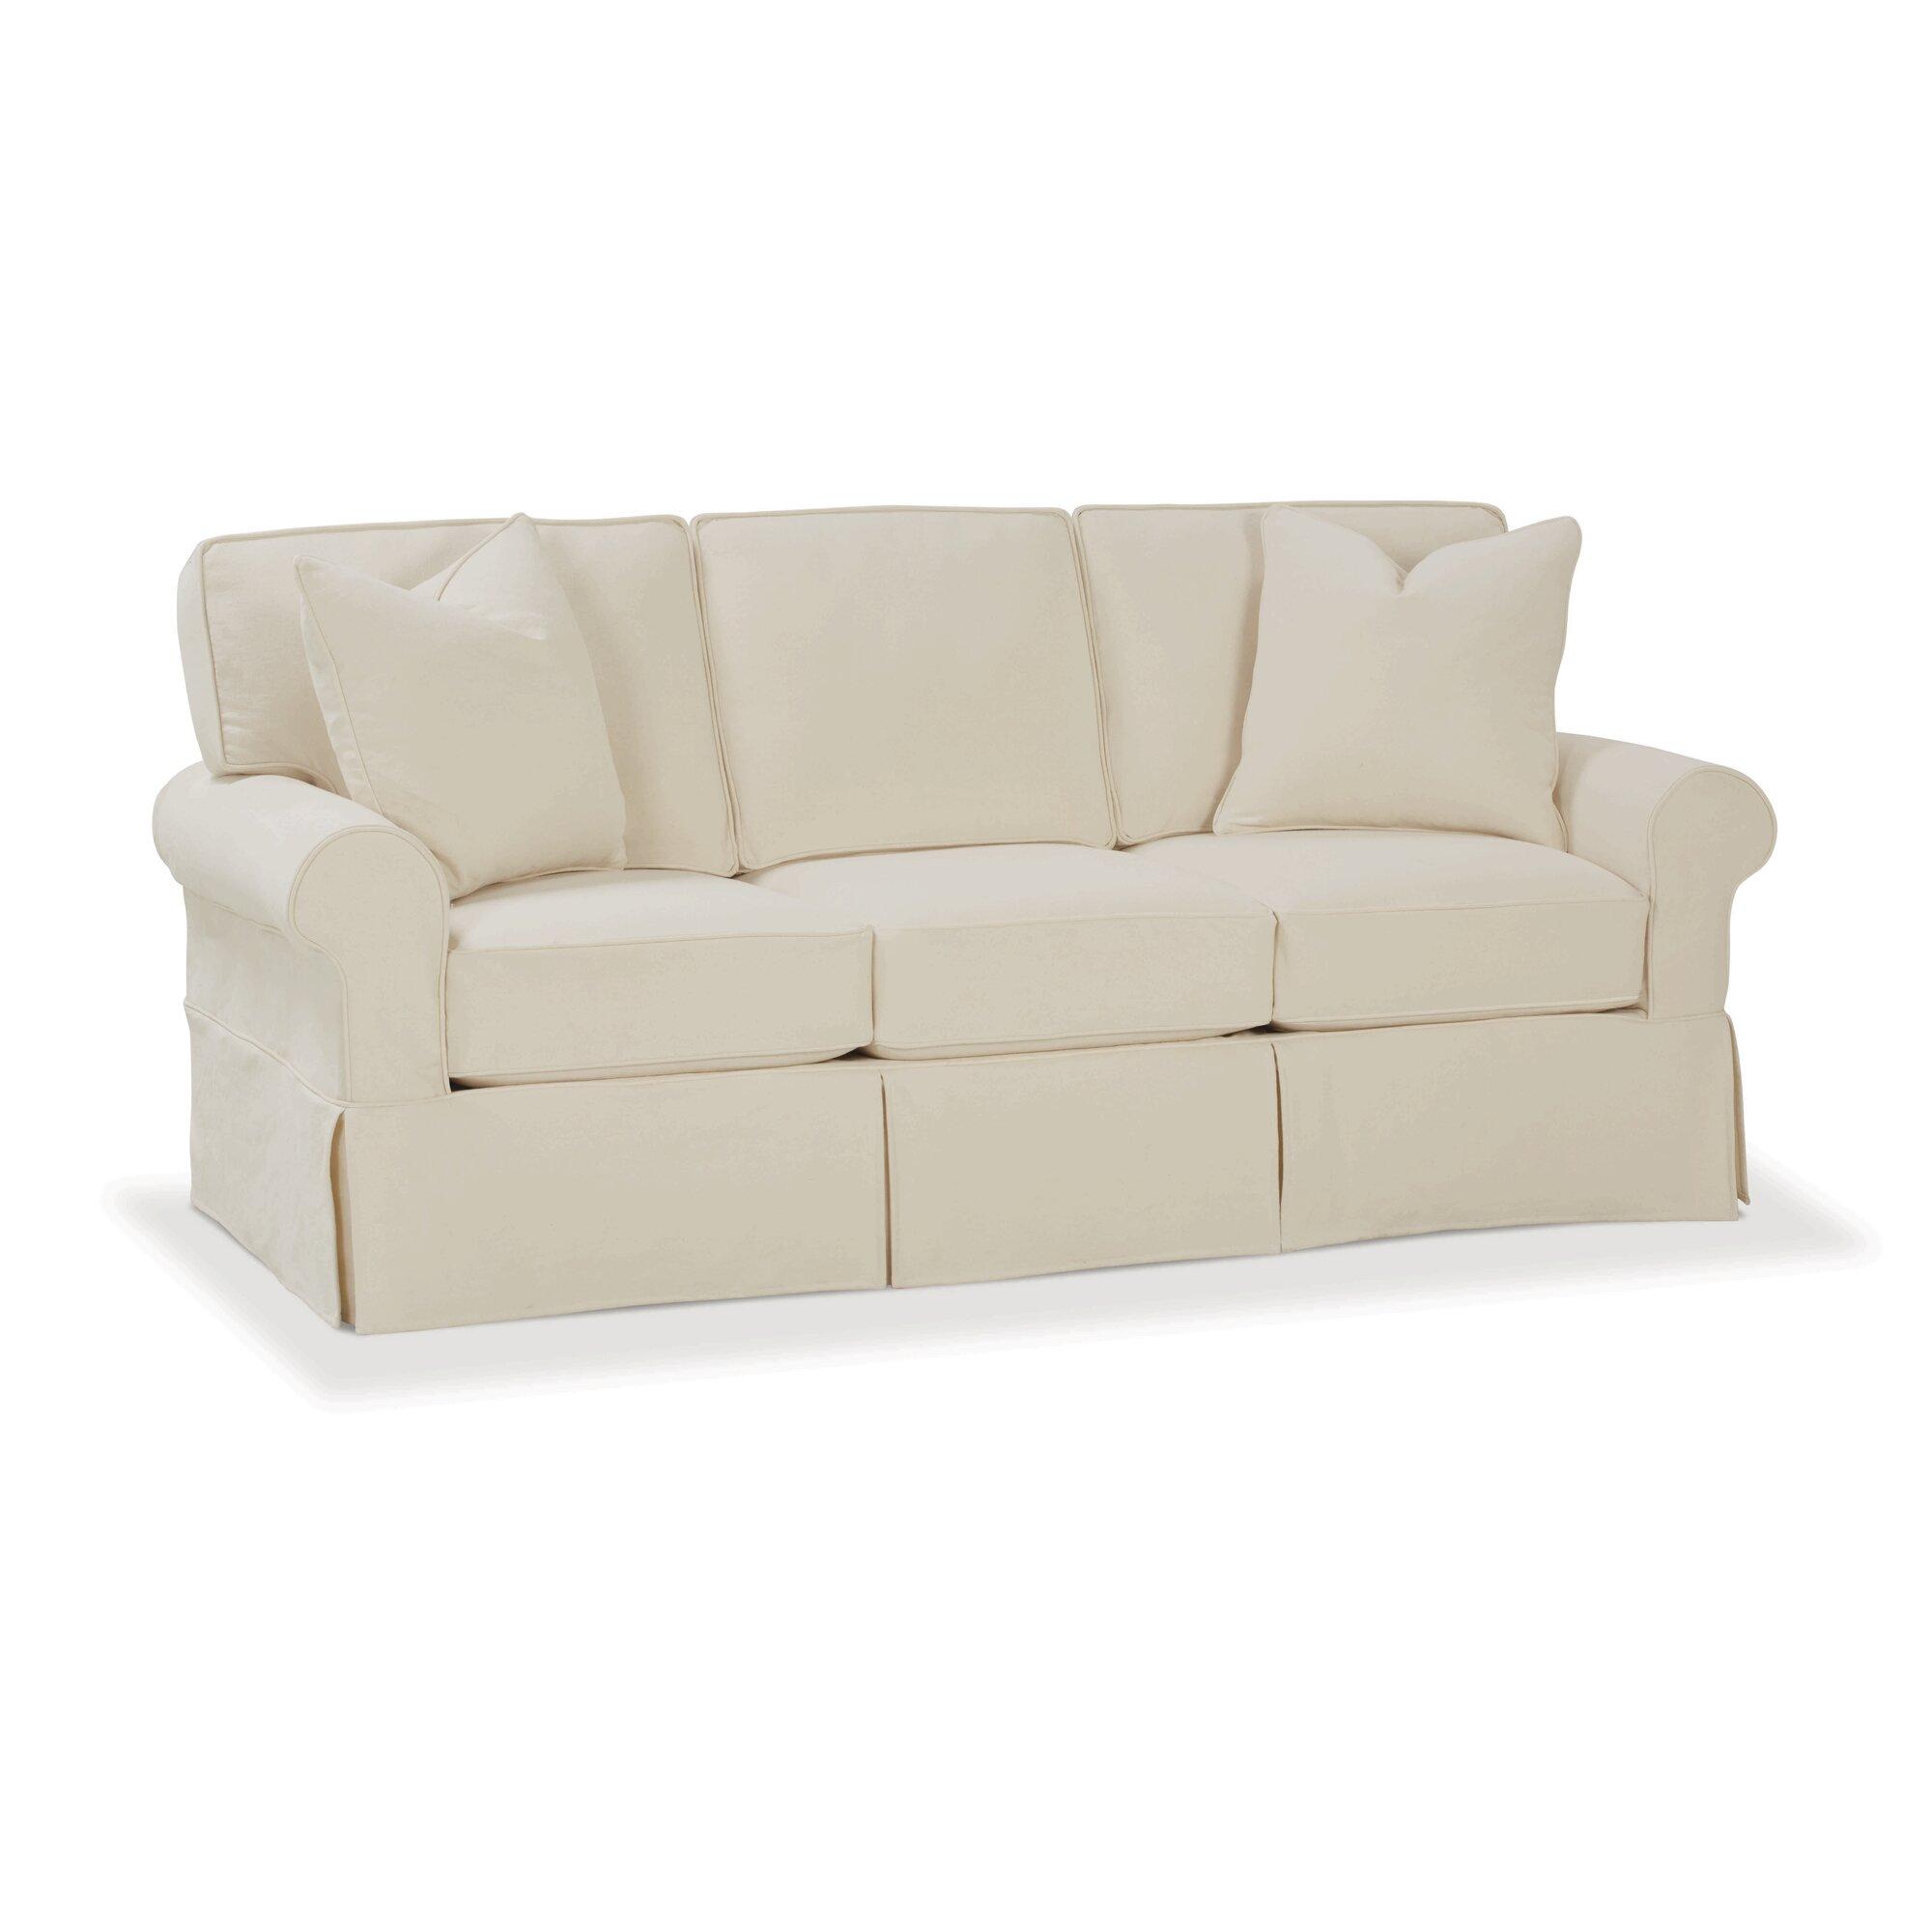 Rowe Furniture Nantucket Slipcovered Sleeper Sofa  : NantucketSlipcoveredSleeperSofa from www.wayfair.com size 2000 x 2000 jpeg 96kB